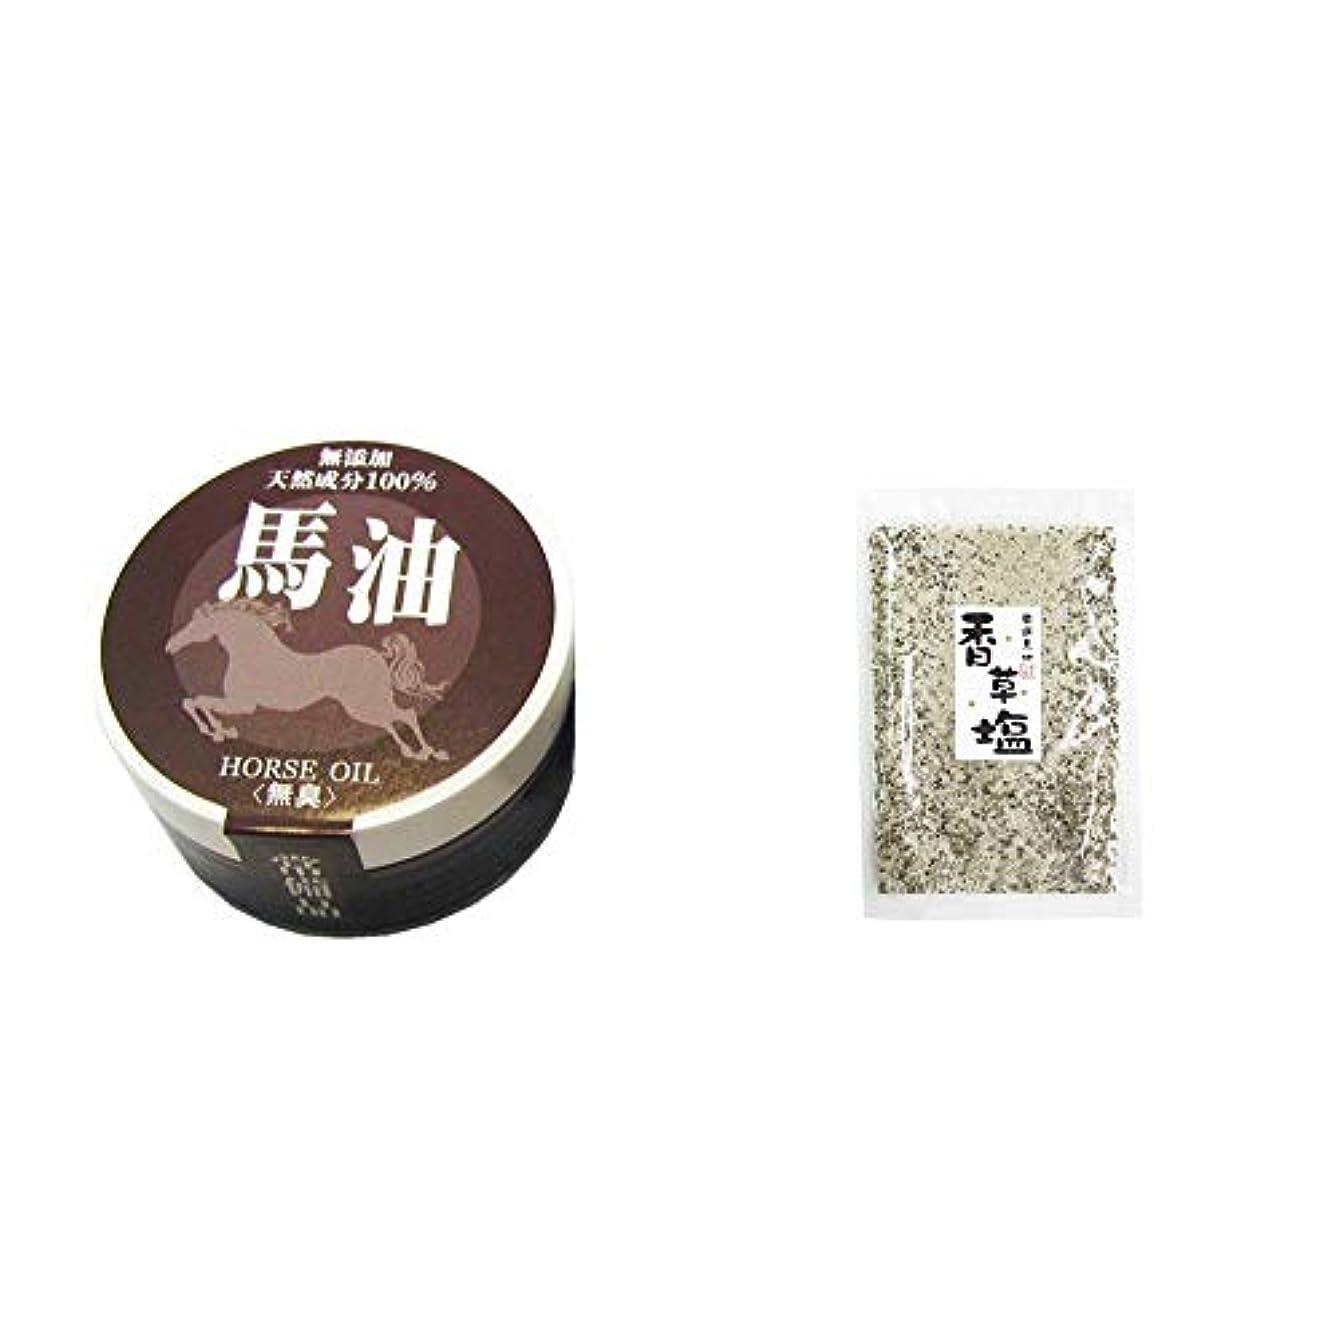 メロディアスドット重要[2点セット] 無添加天然成分100% 馬油[無香料](38g)?香草塩 [袋タイプ](100g)